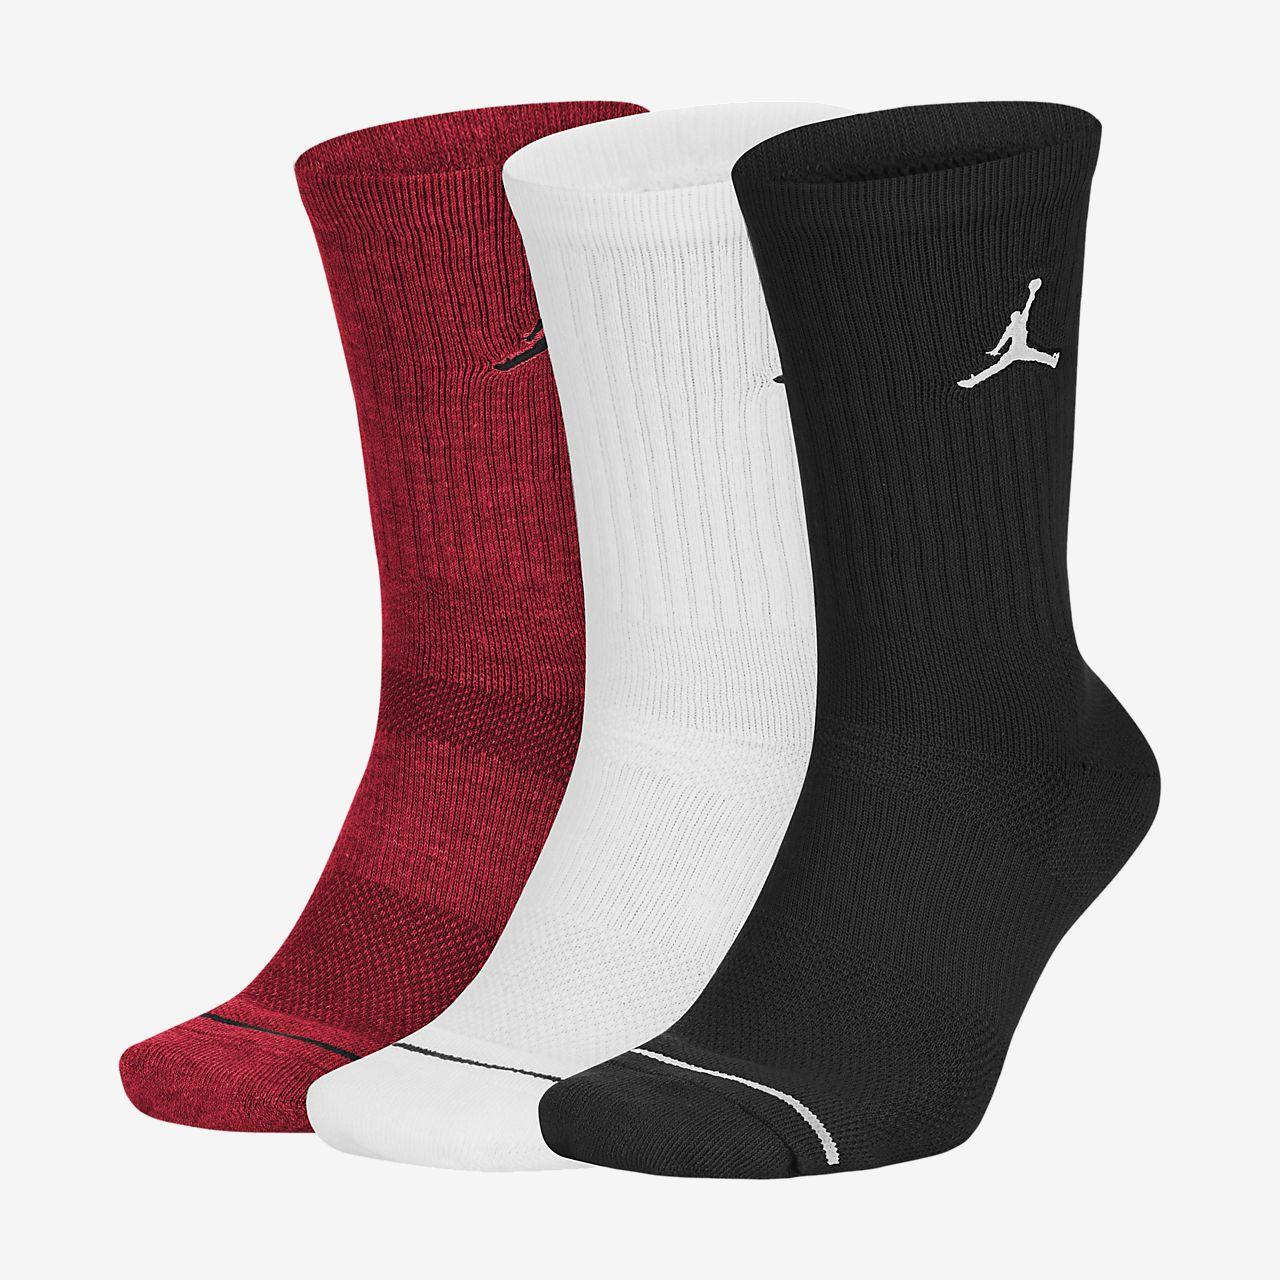 Calcetines de básquetbol Jordan Jumpman Crew (3 pares)